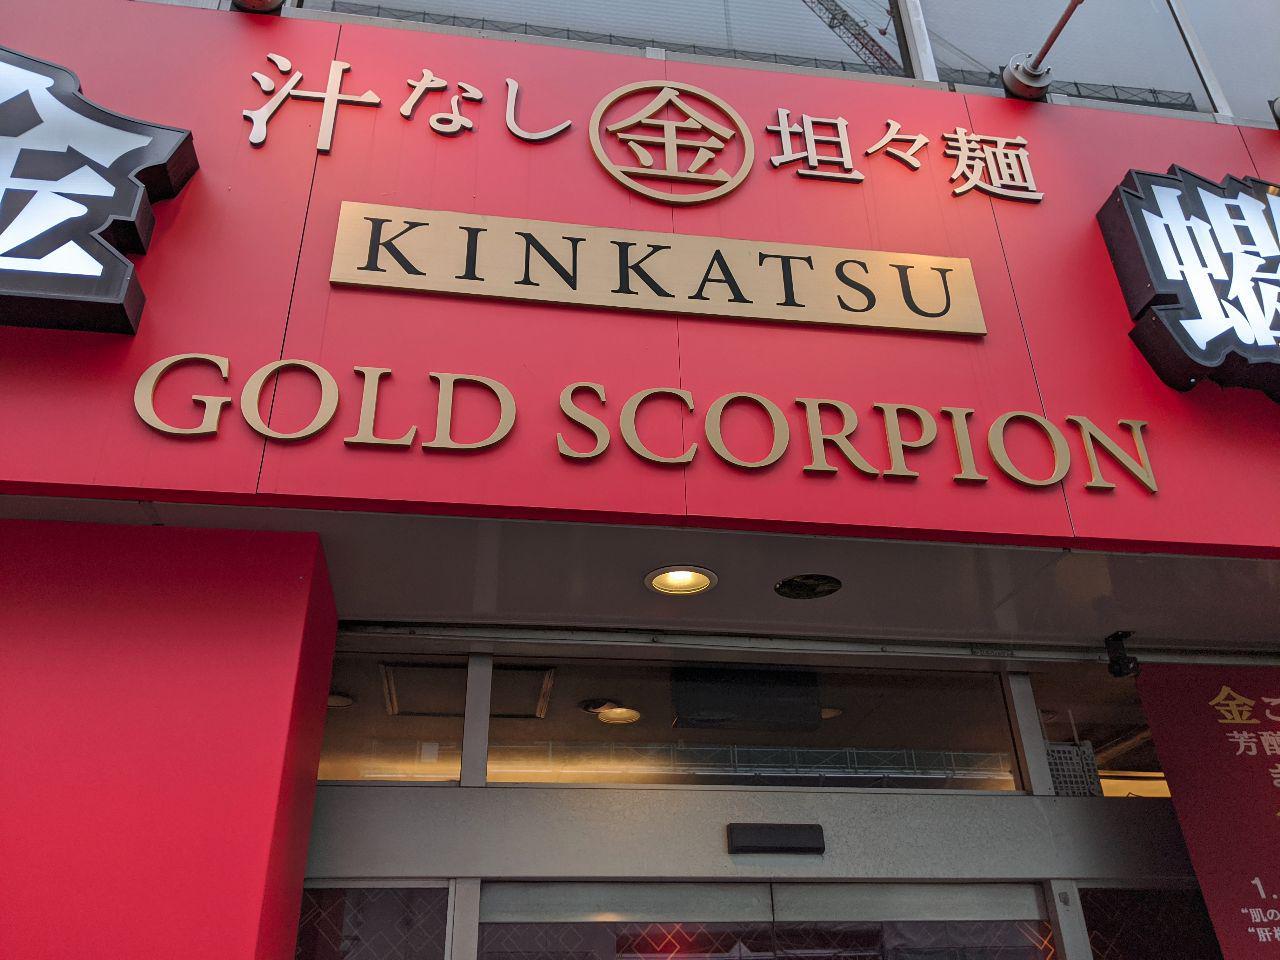 Gold Scorpion 3